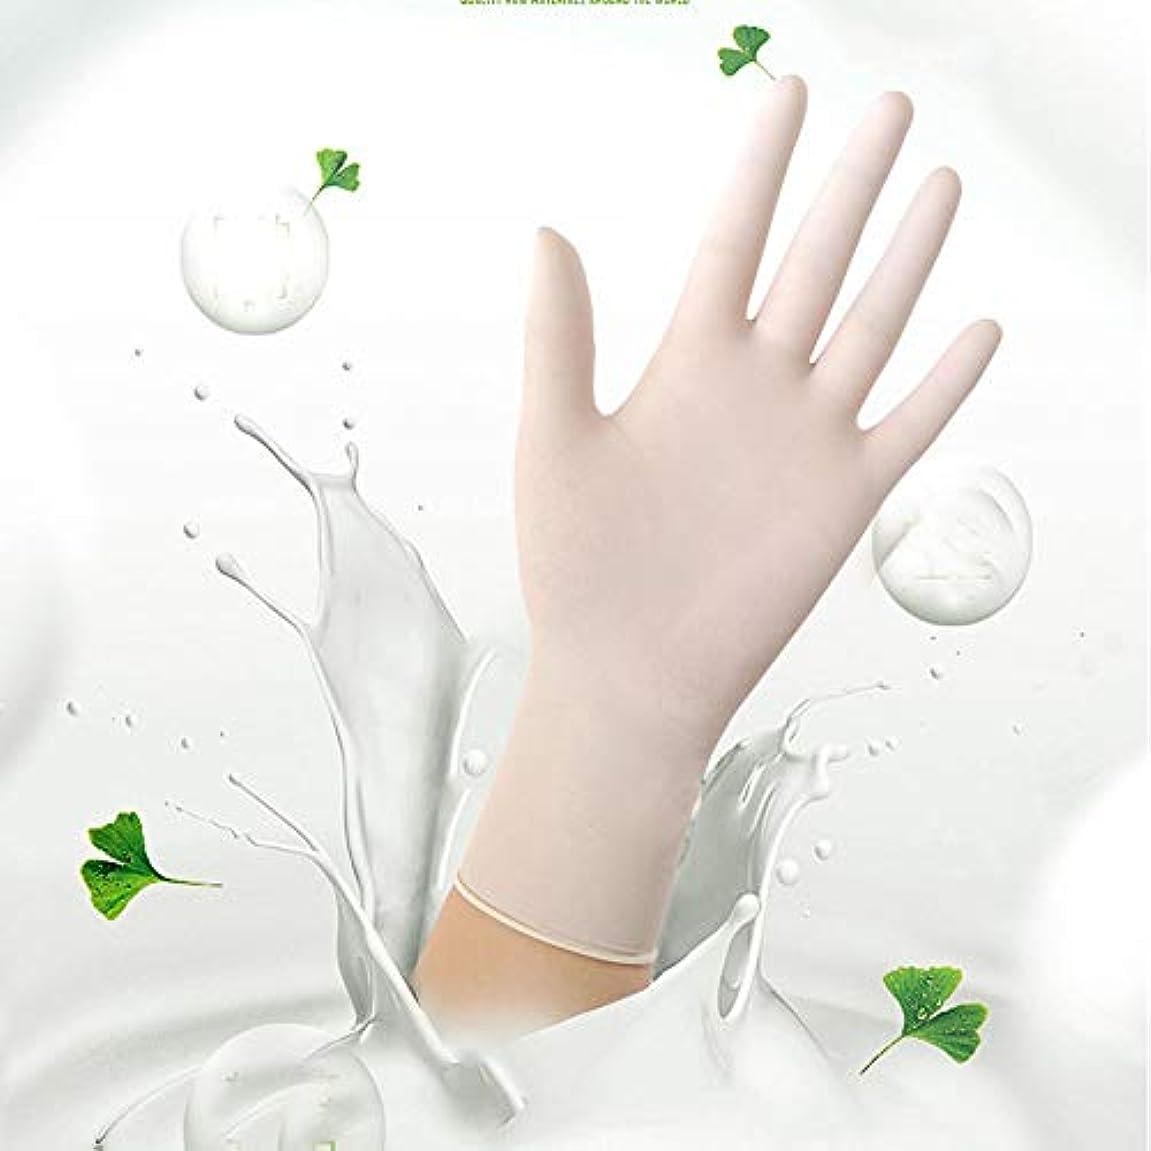 人啓示タバコニトリル検査用手袋 - 医療用グレード、パウダーフリー、ラテックスラバーフリー、使い捨て、非滅菌、食品安全、インディゴ色、100カウント、サイズS-L (Color : White, Size : S)